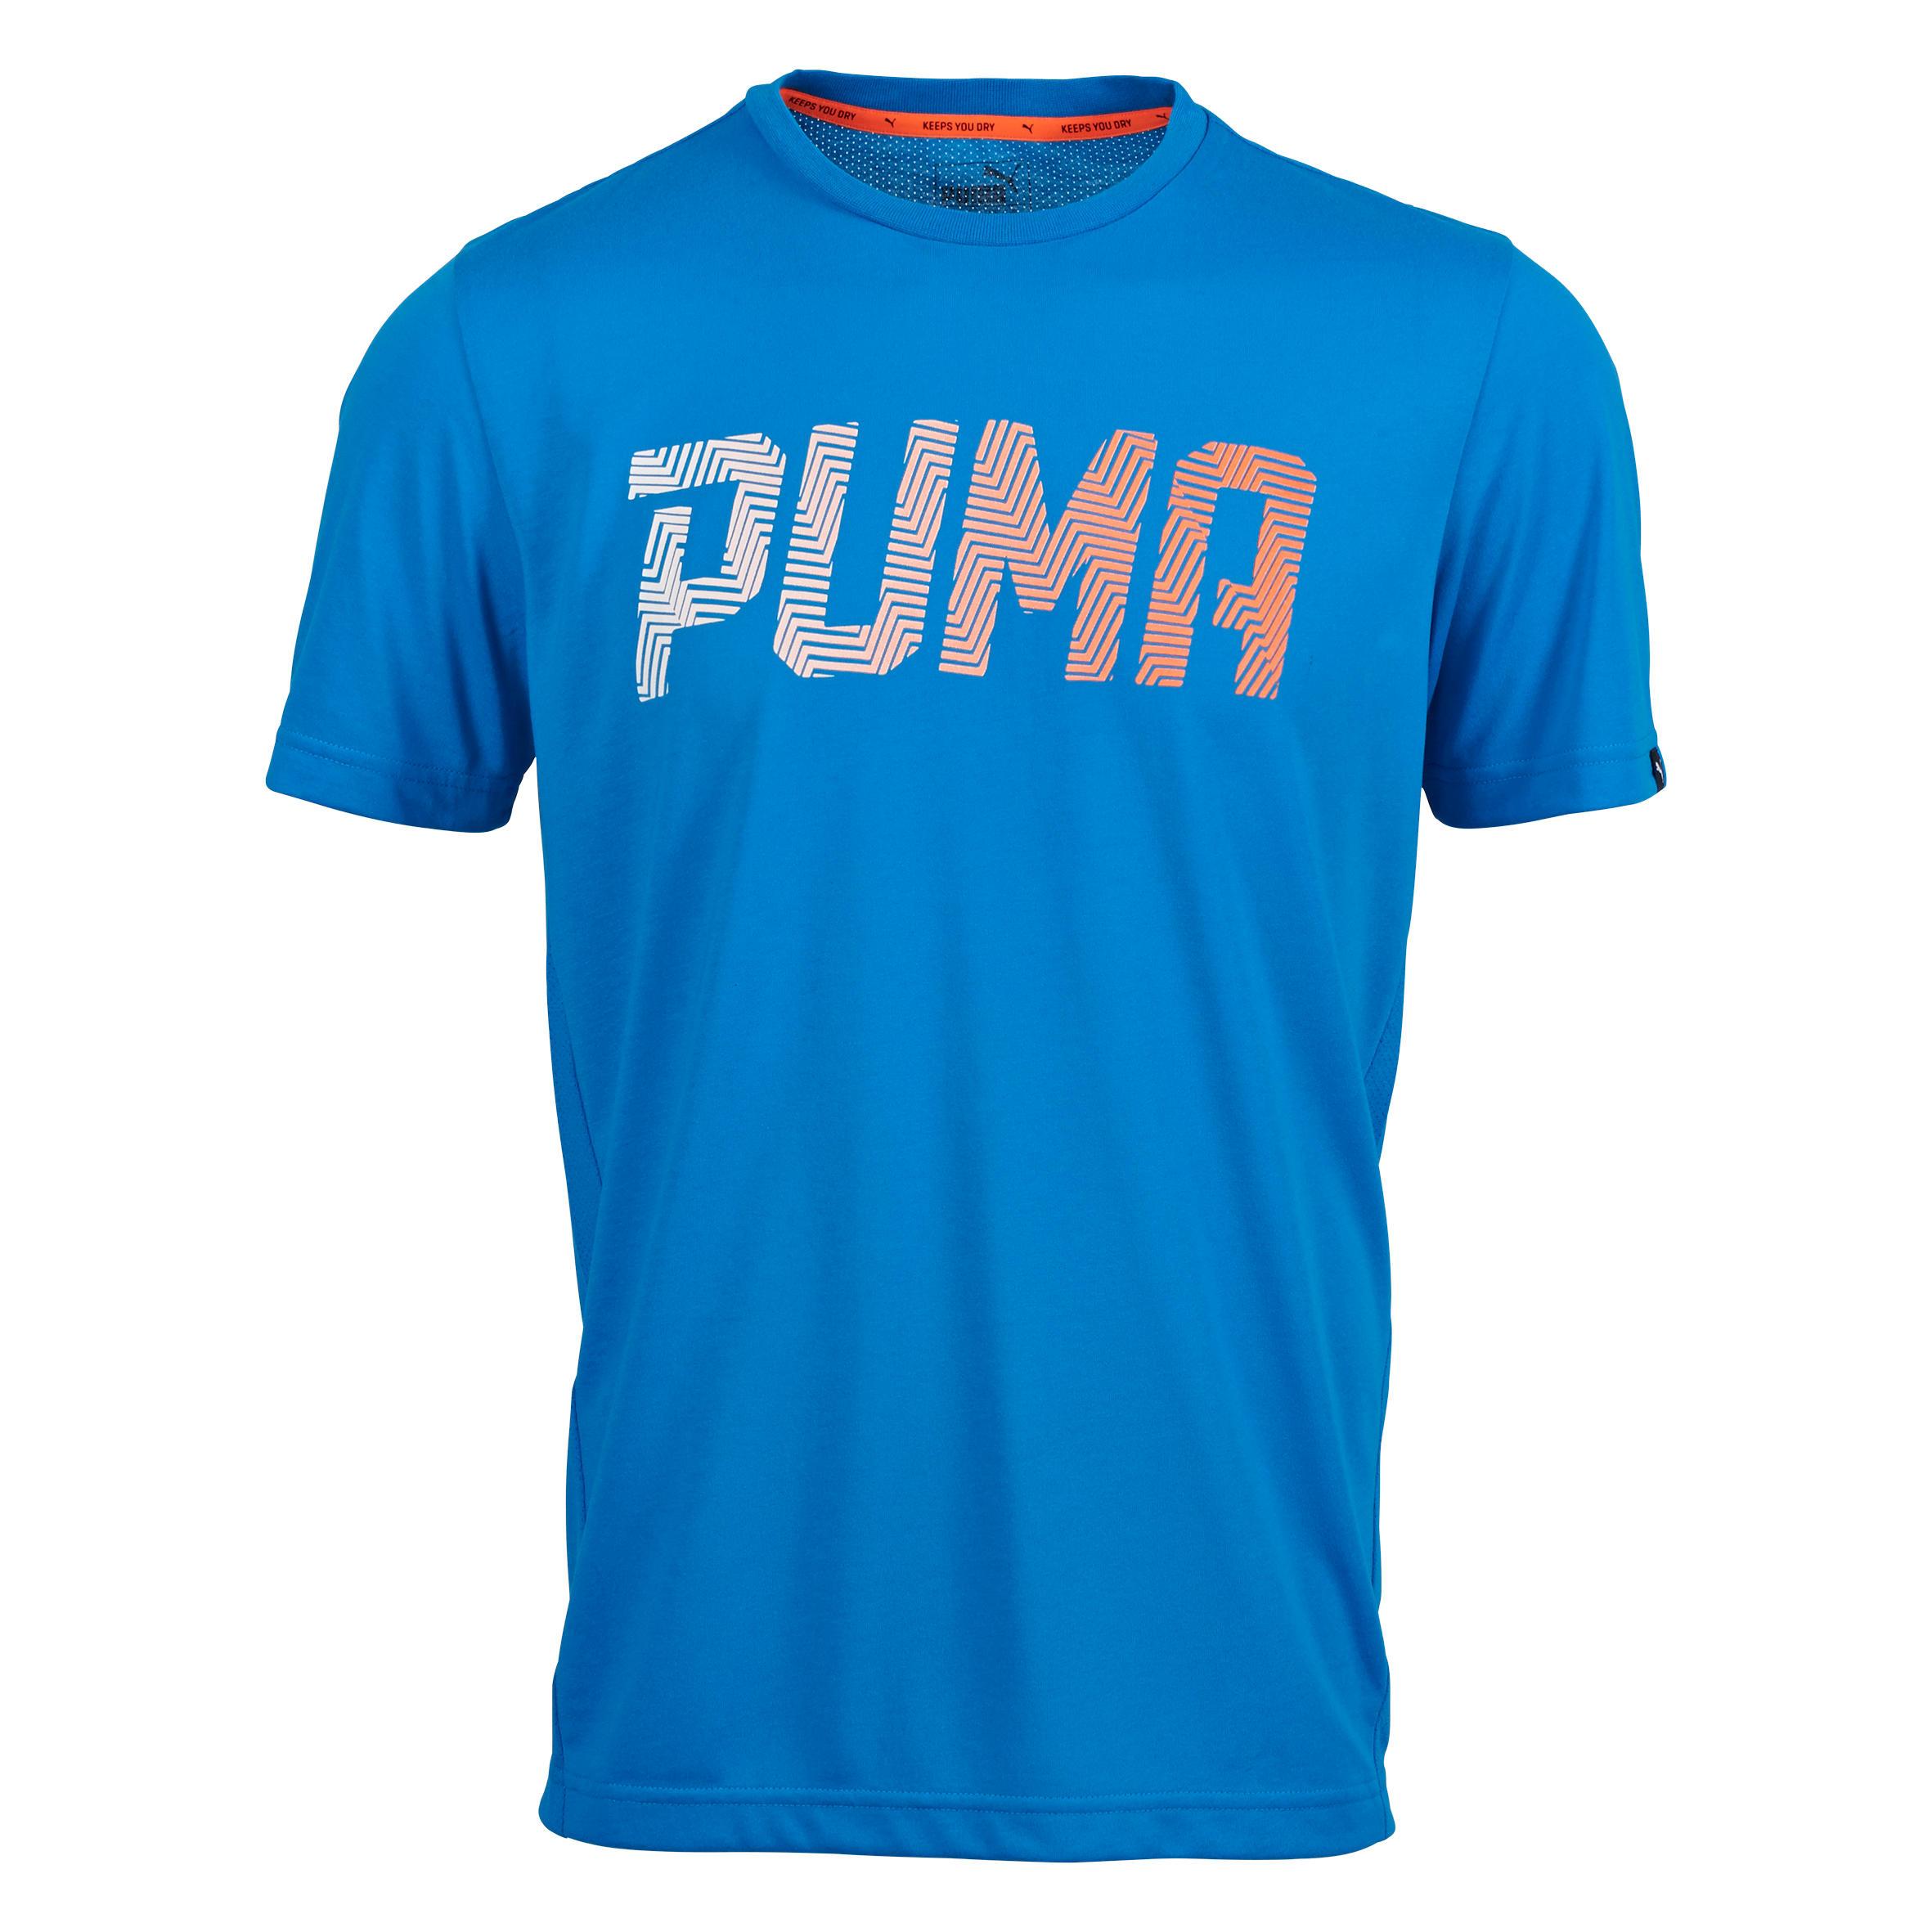 Puma Herenshirt voor gym en pilates blauw